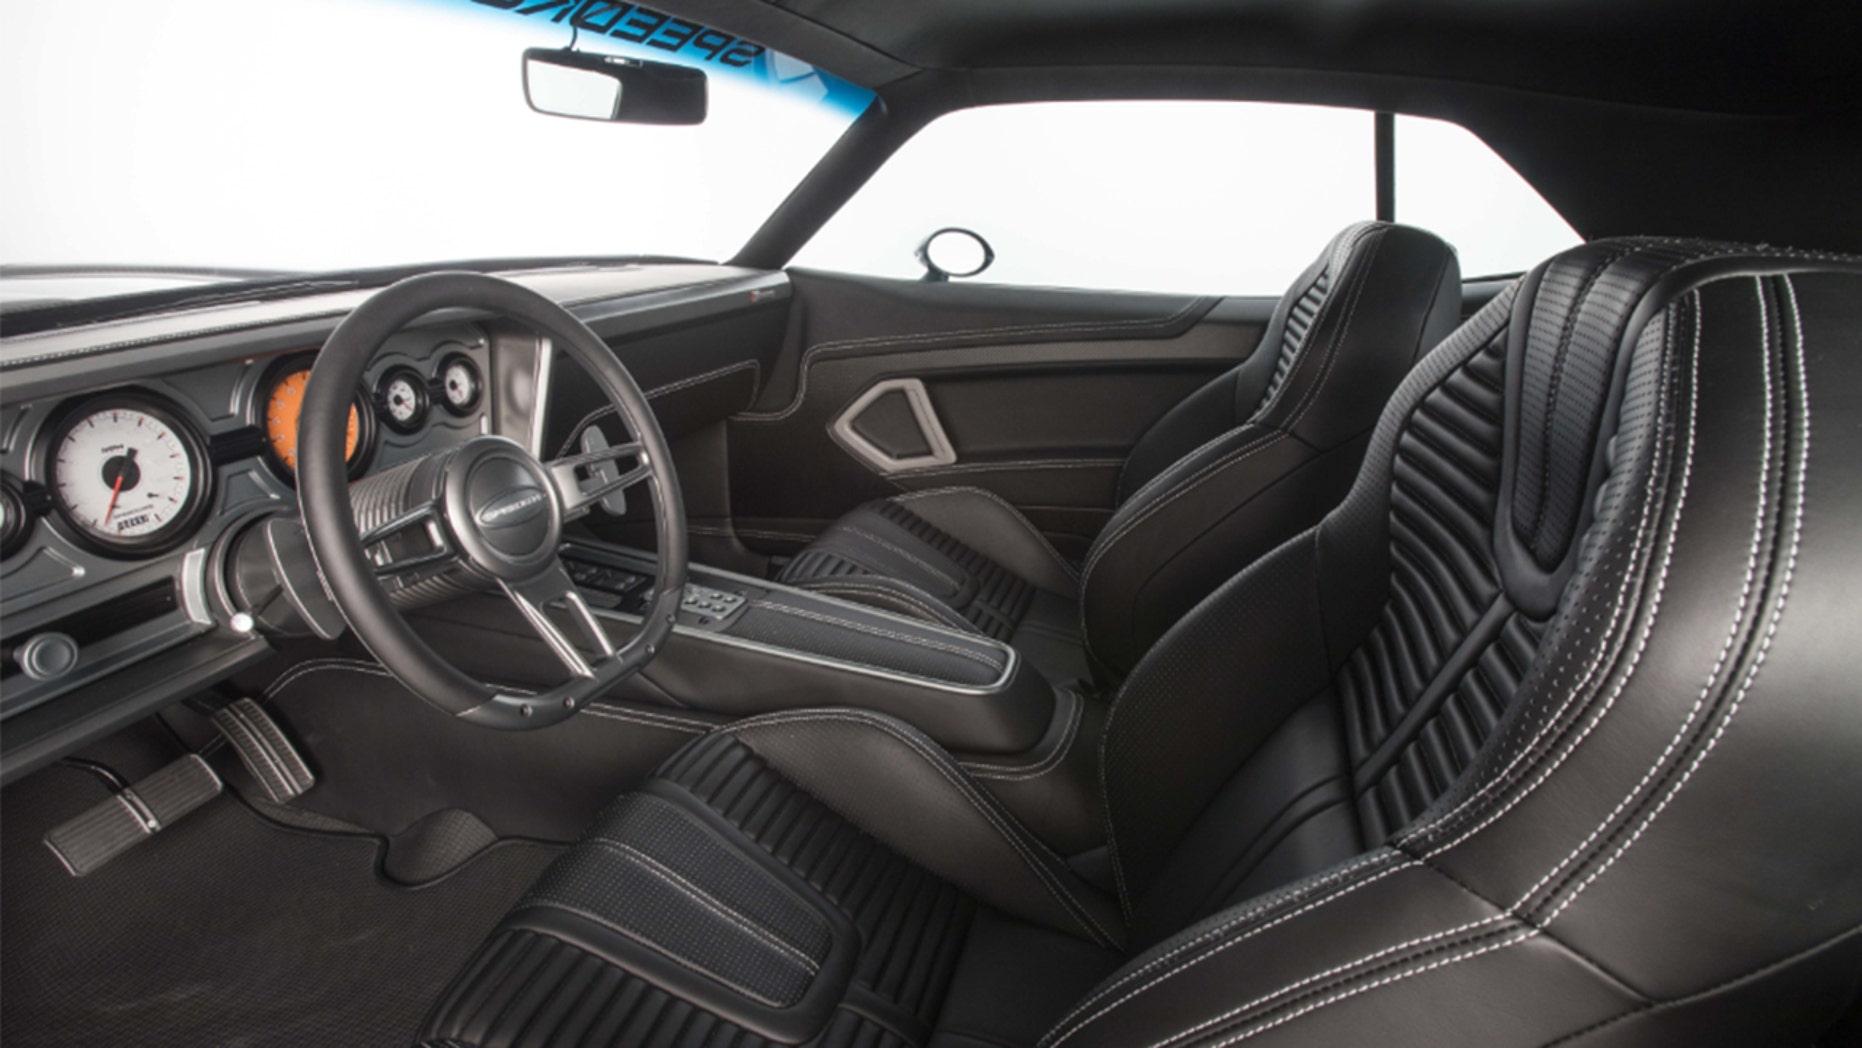 1970 Plymouth Cuda Interior